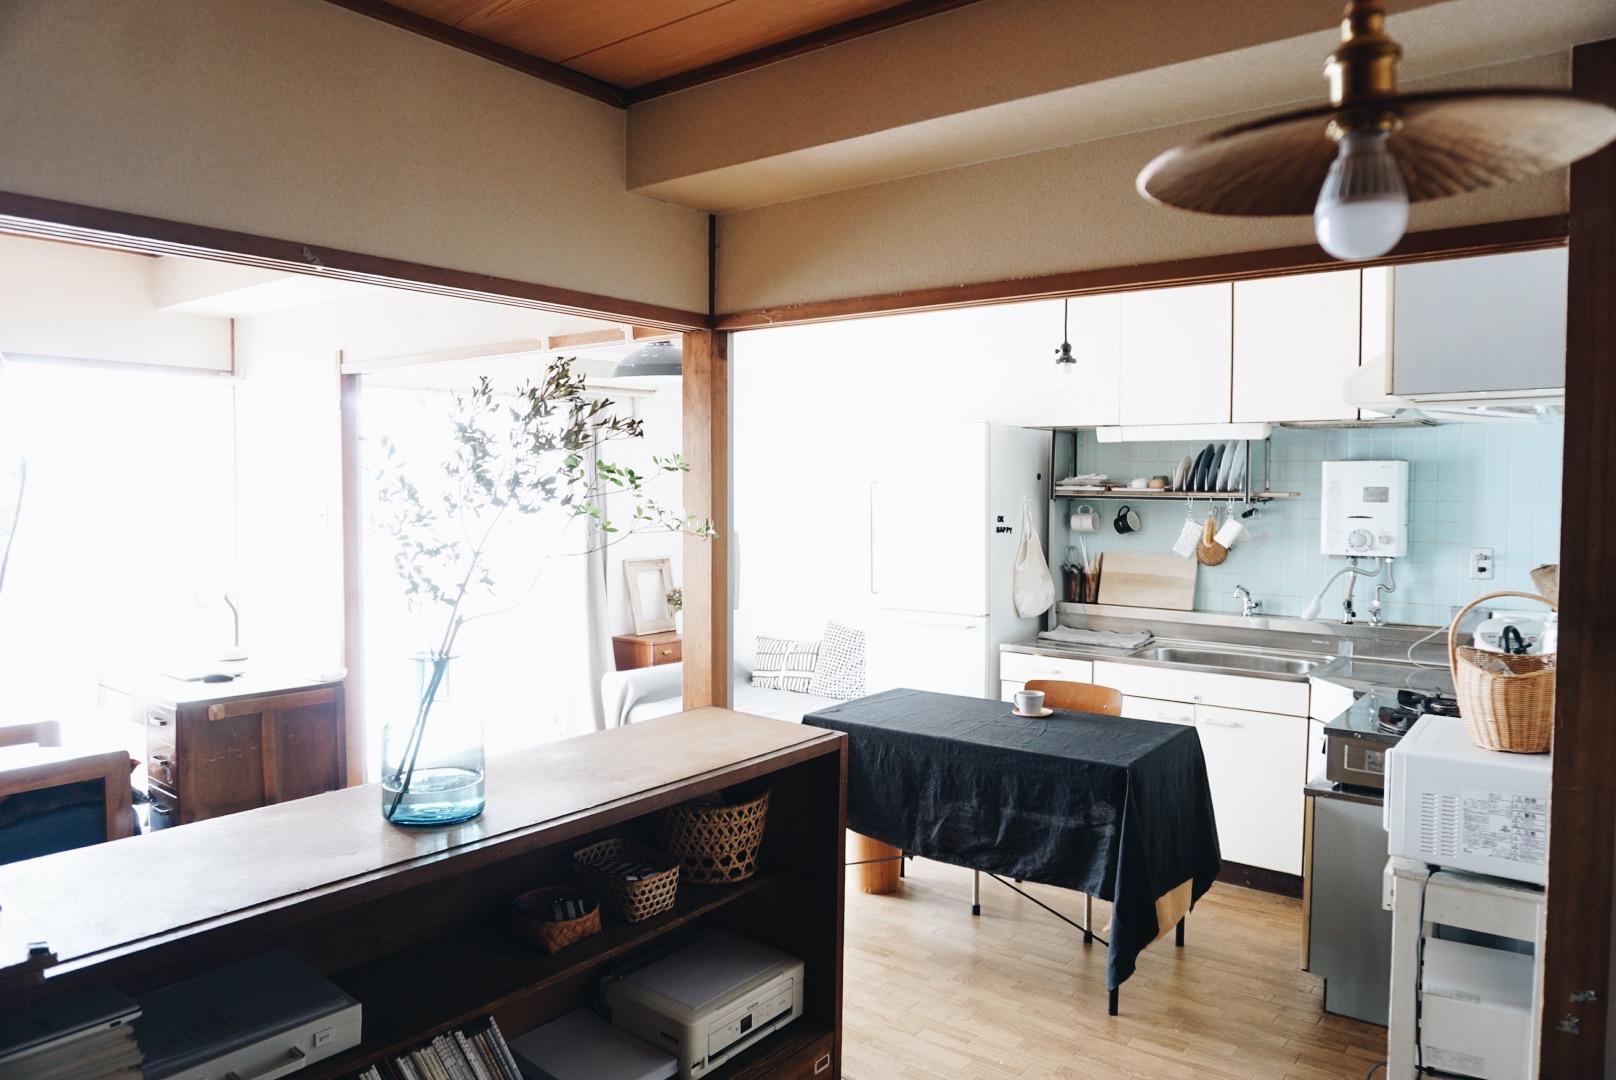 白だけでなく、黒もいいですね。テーブルは面積が広いので、お部屋がグッと引き締まって見えます。